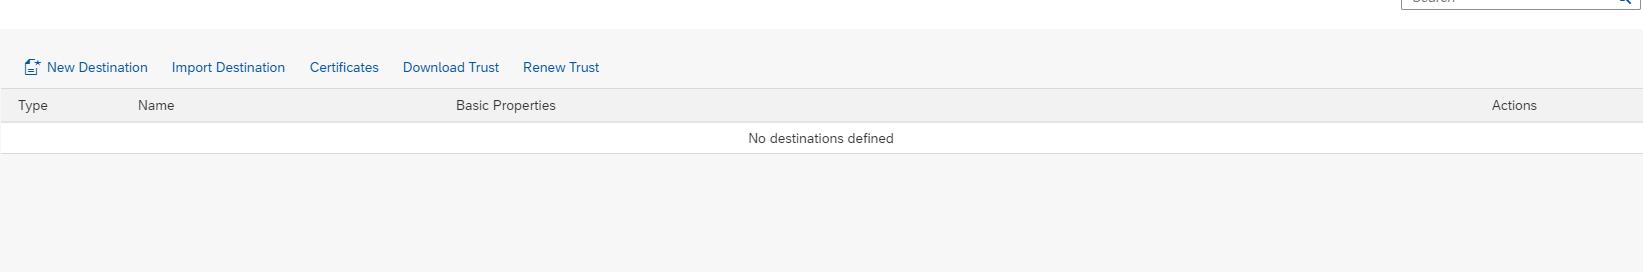 Destination%20configuration